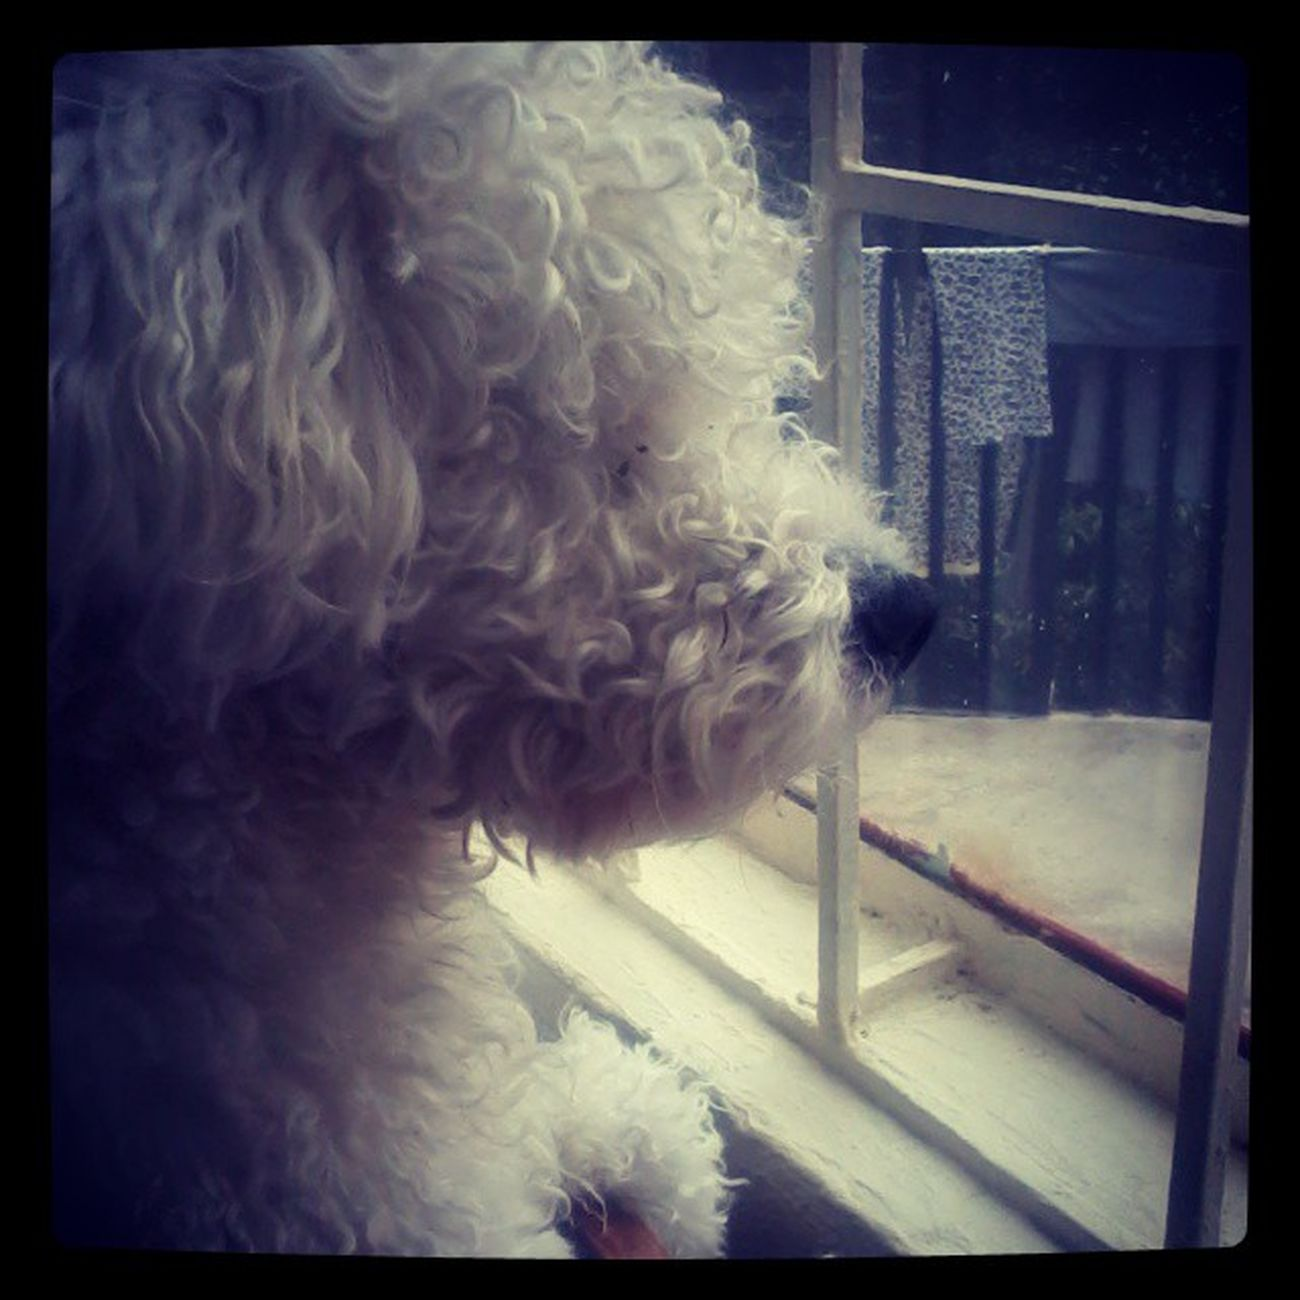 Como te gusta mirar conmigo por la ventana Instandog As Mamon Travieso tequiero